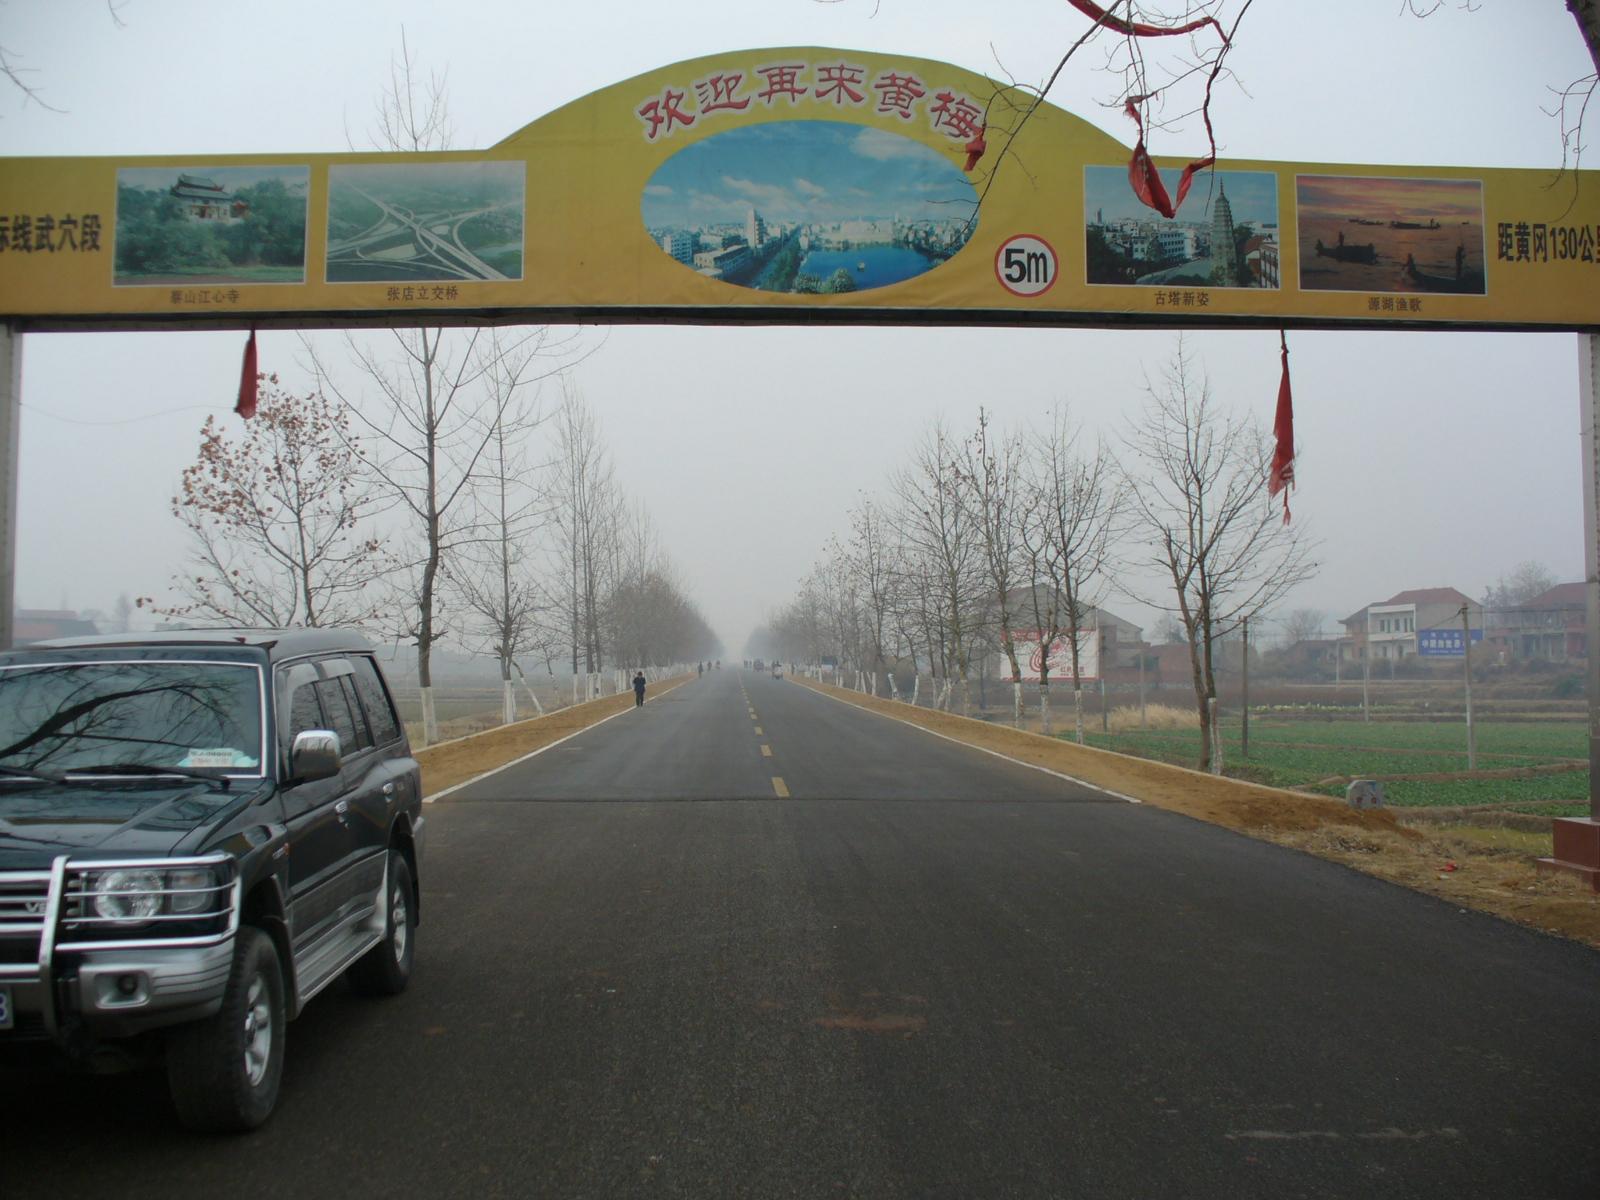 105国道黄梅县境路面改造工程